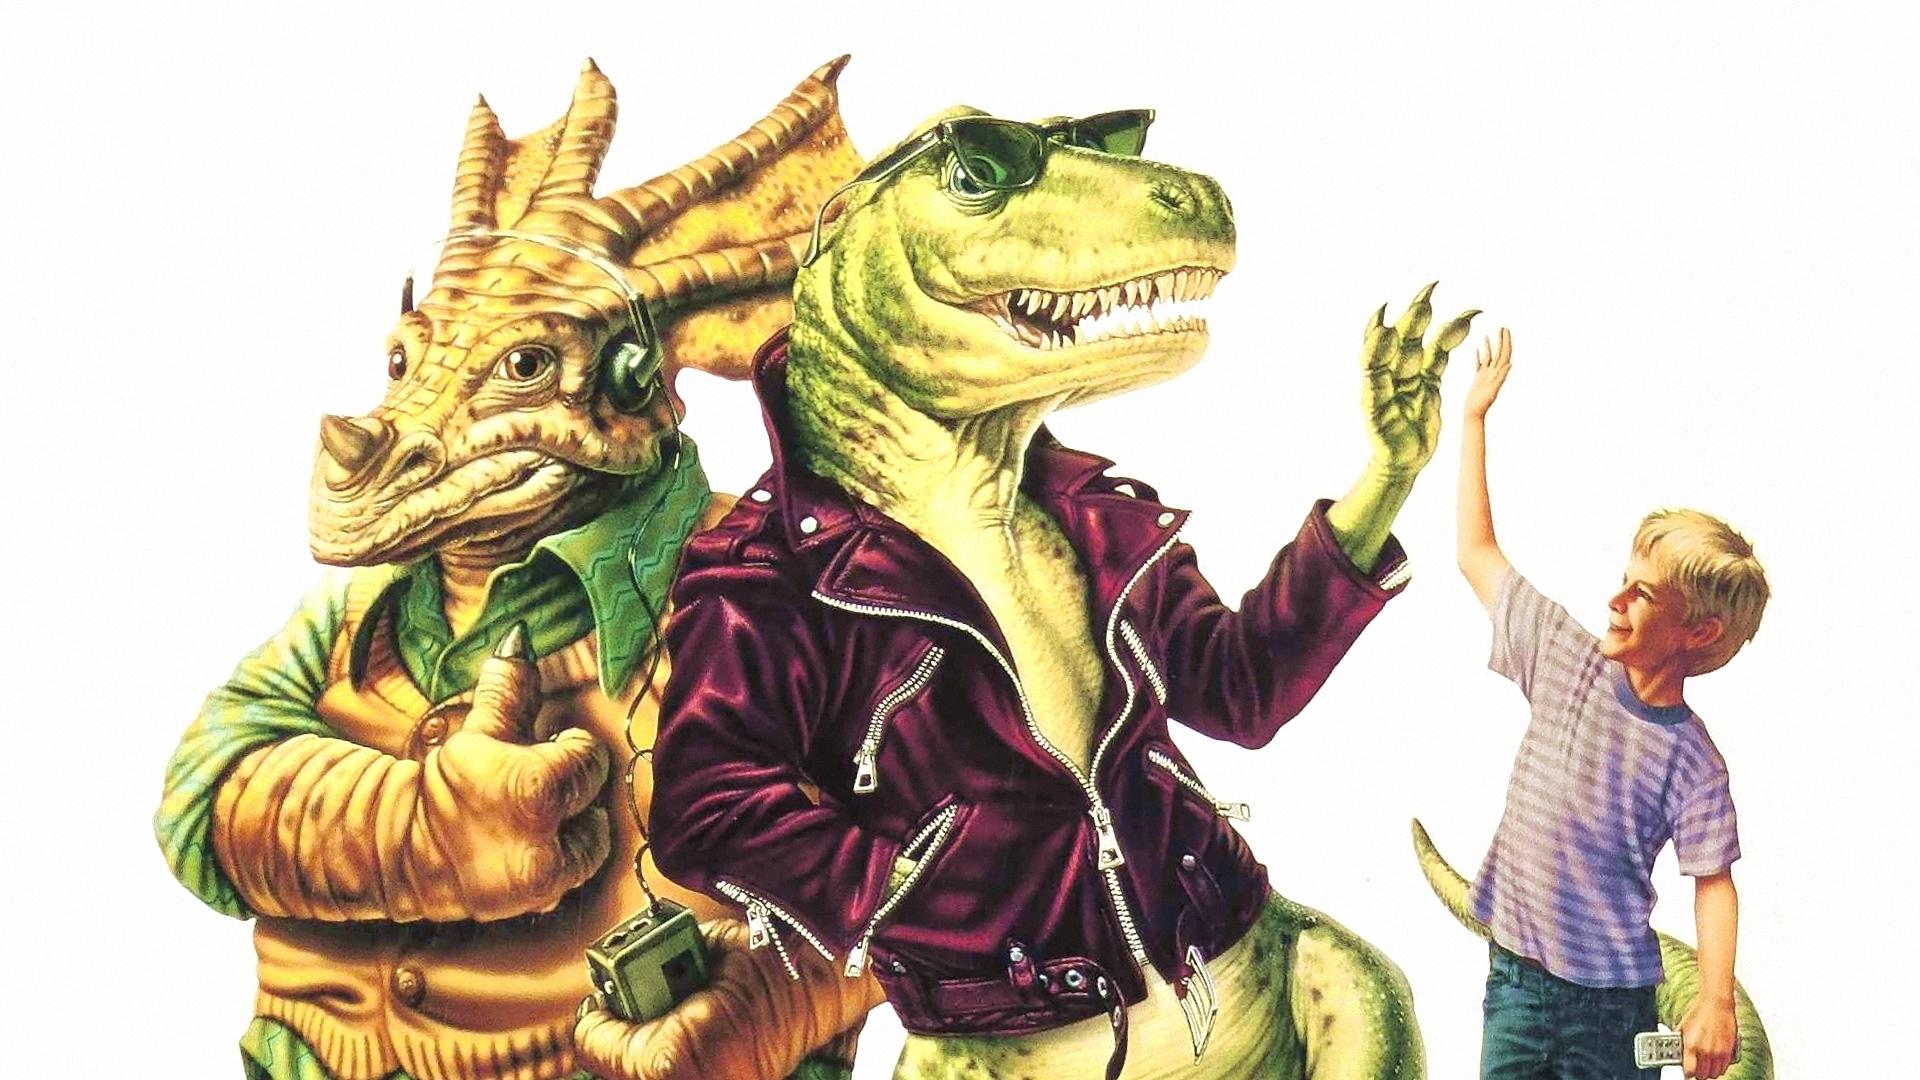 приключения с динозаврами картинки части погранвойск имеют